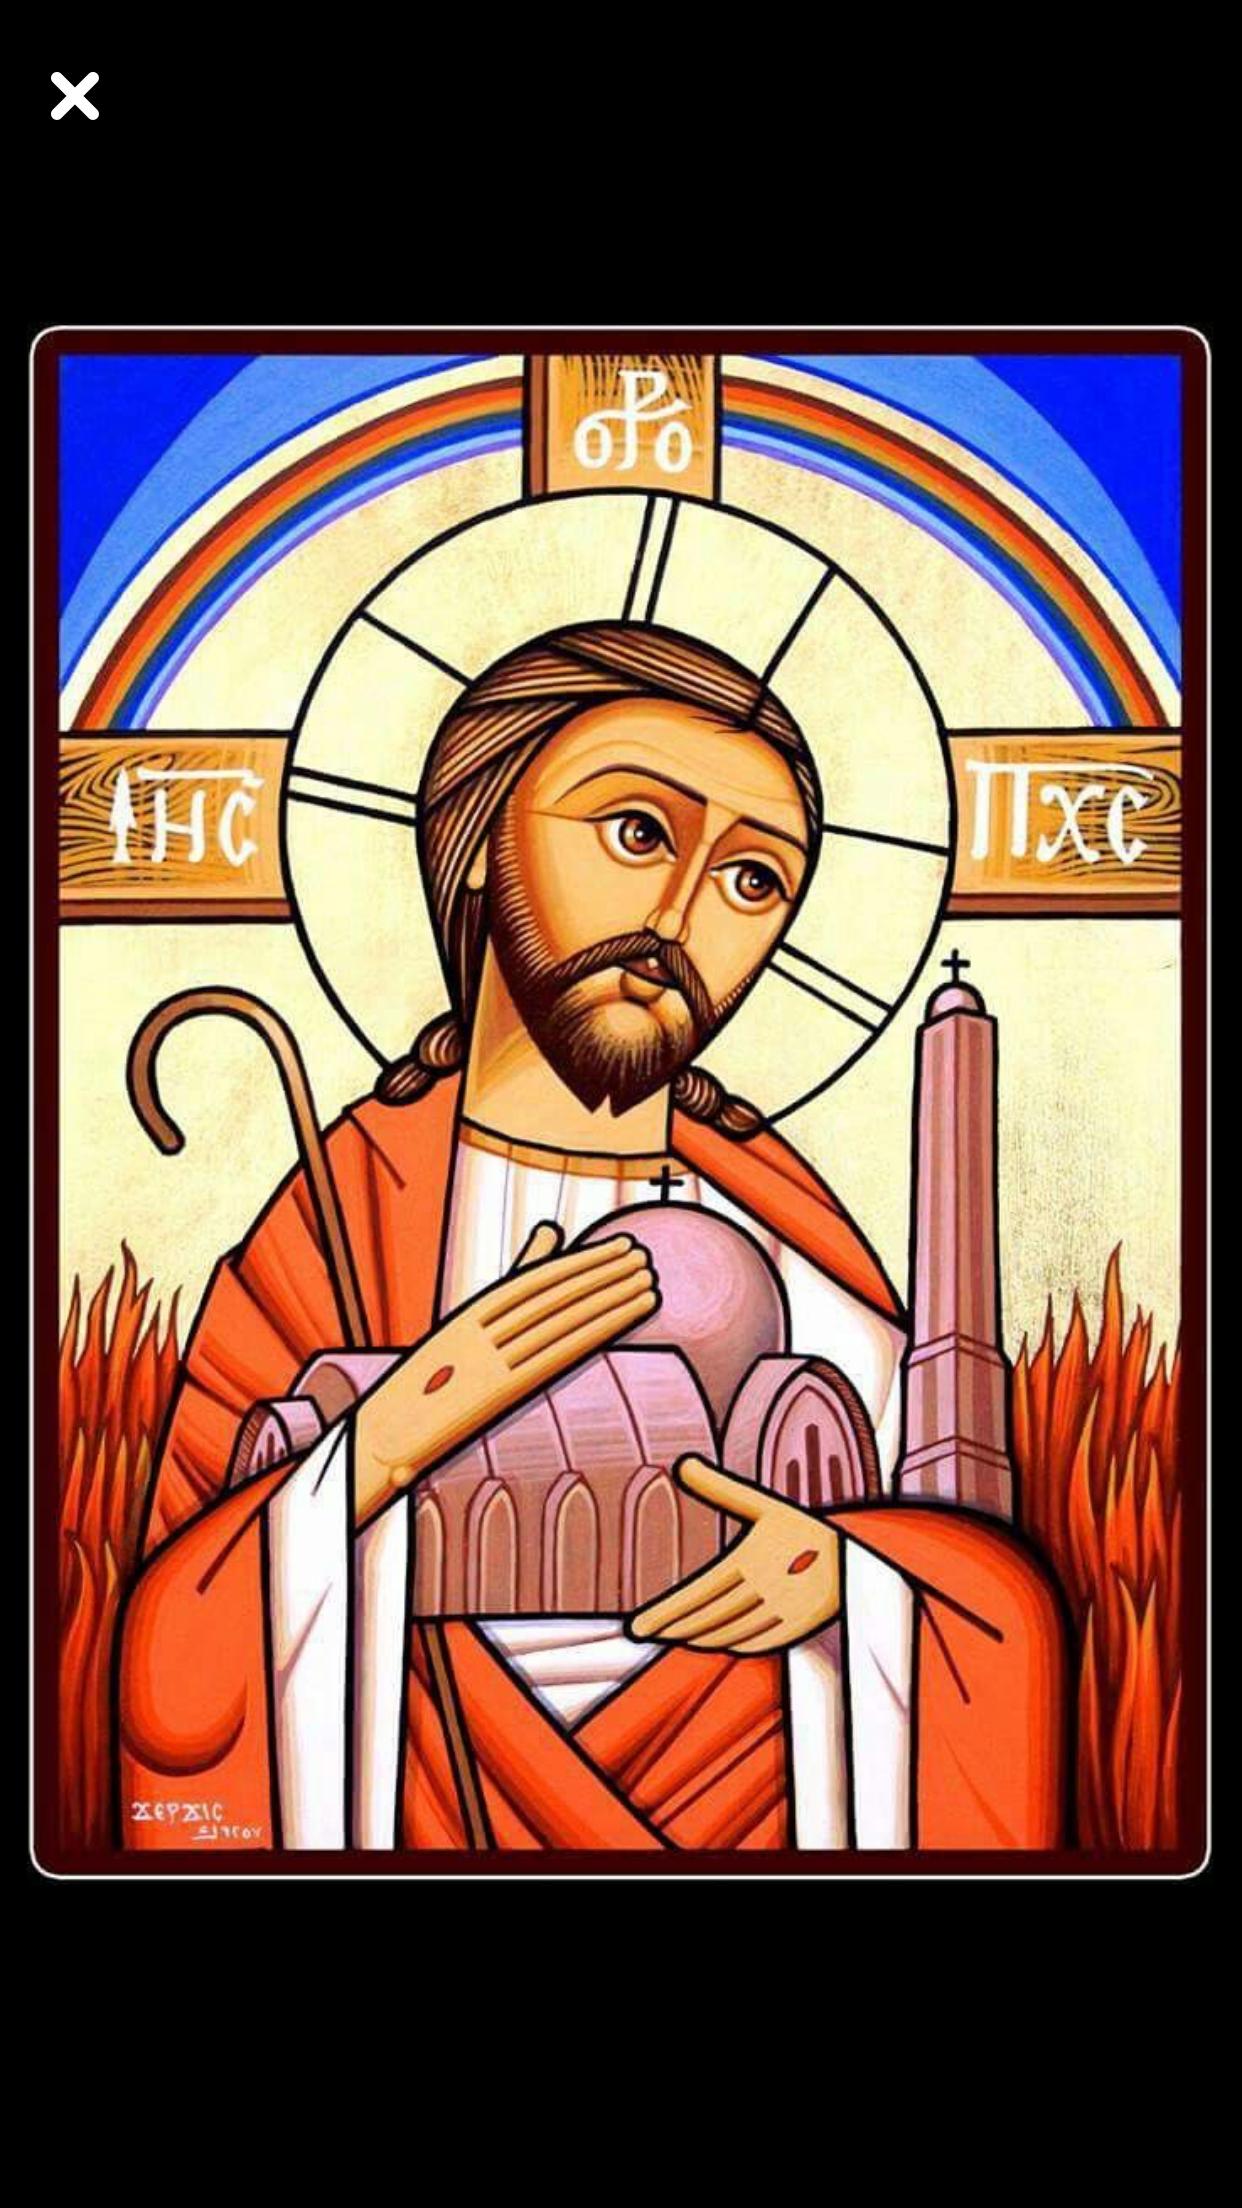 Pin By Rogerio Vieira Rvs Vieira On Coptic Icons Pictures Church Icon Church Art Christian Art